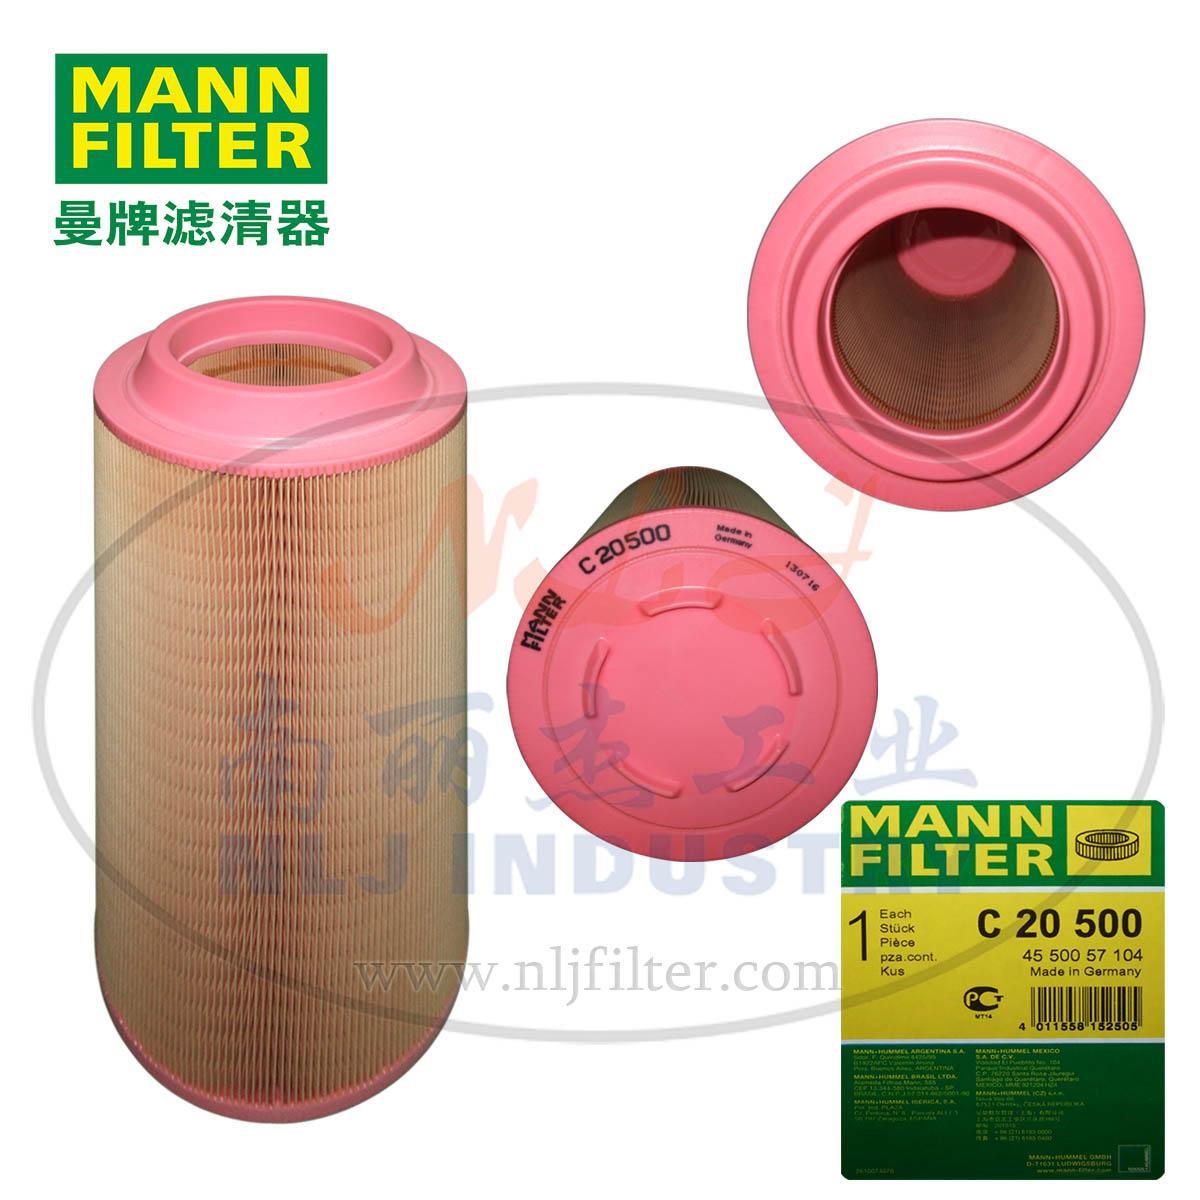 MANN-FILTER(曼牌滤清器)空滤C20500 1